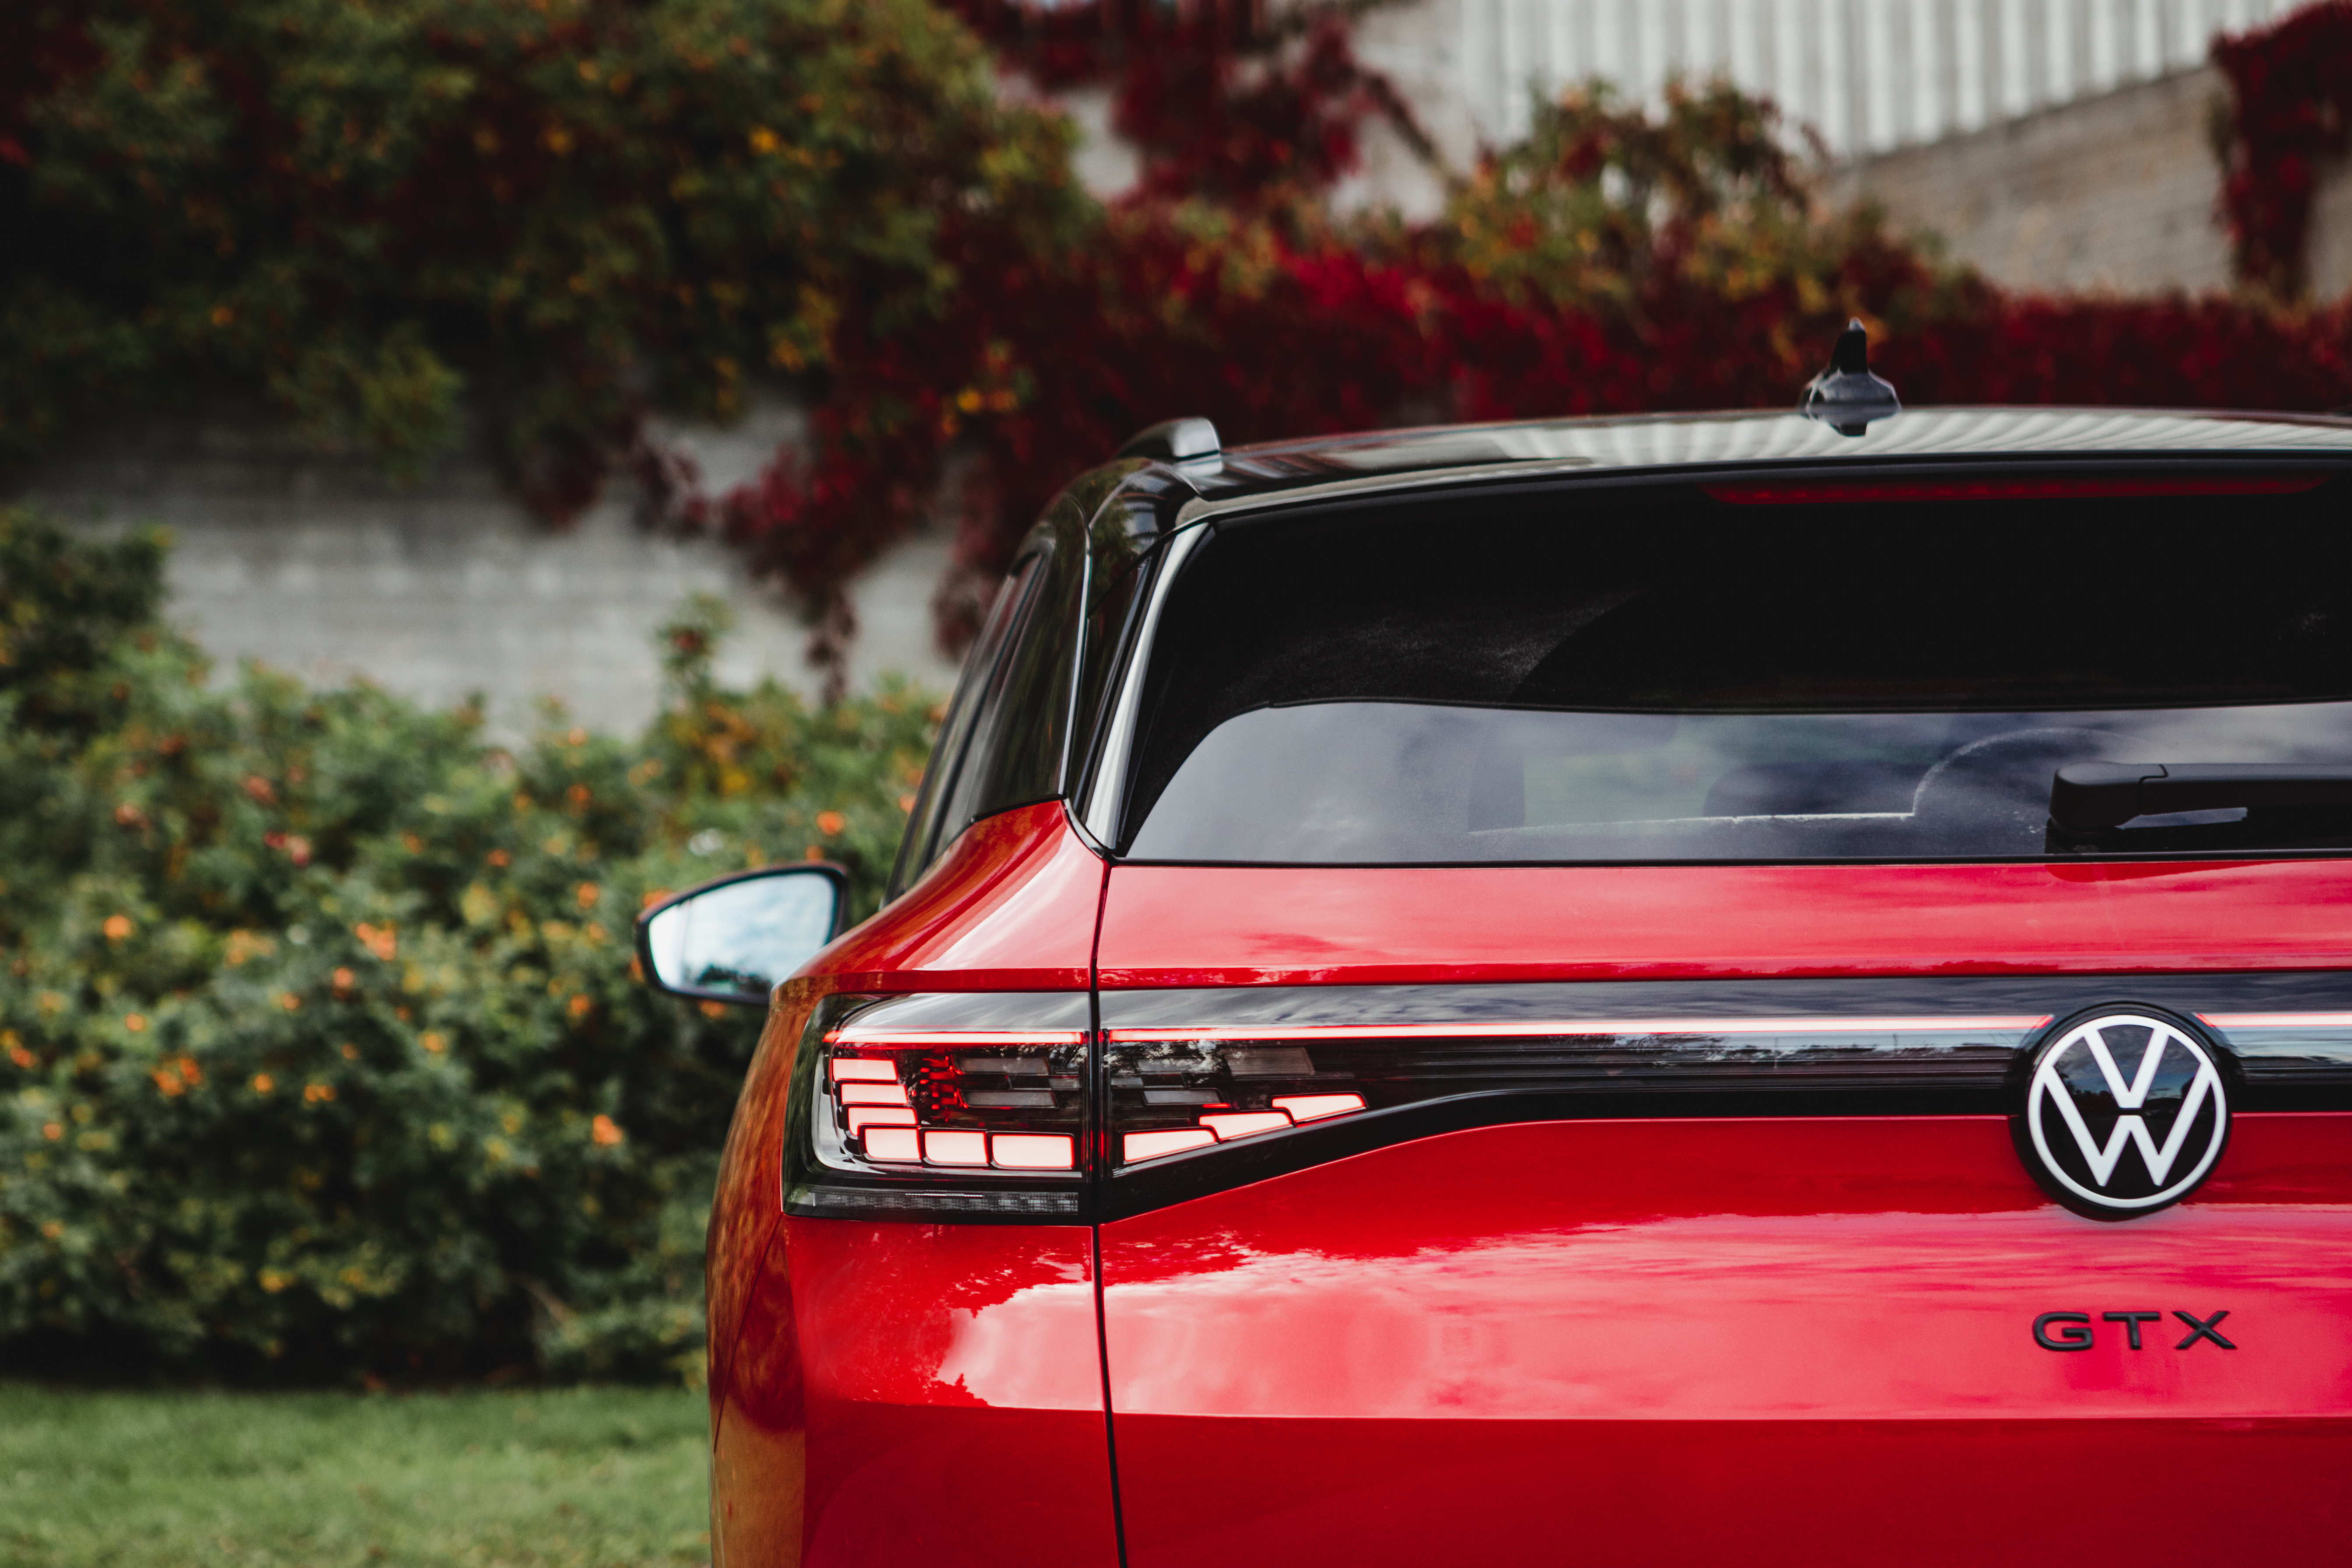 Volkswagen GTX punainen koeajo